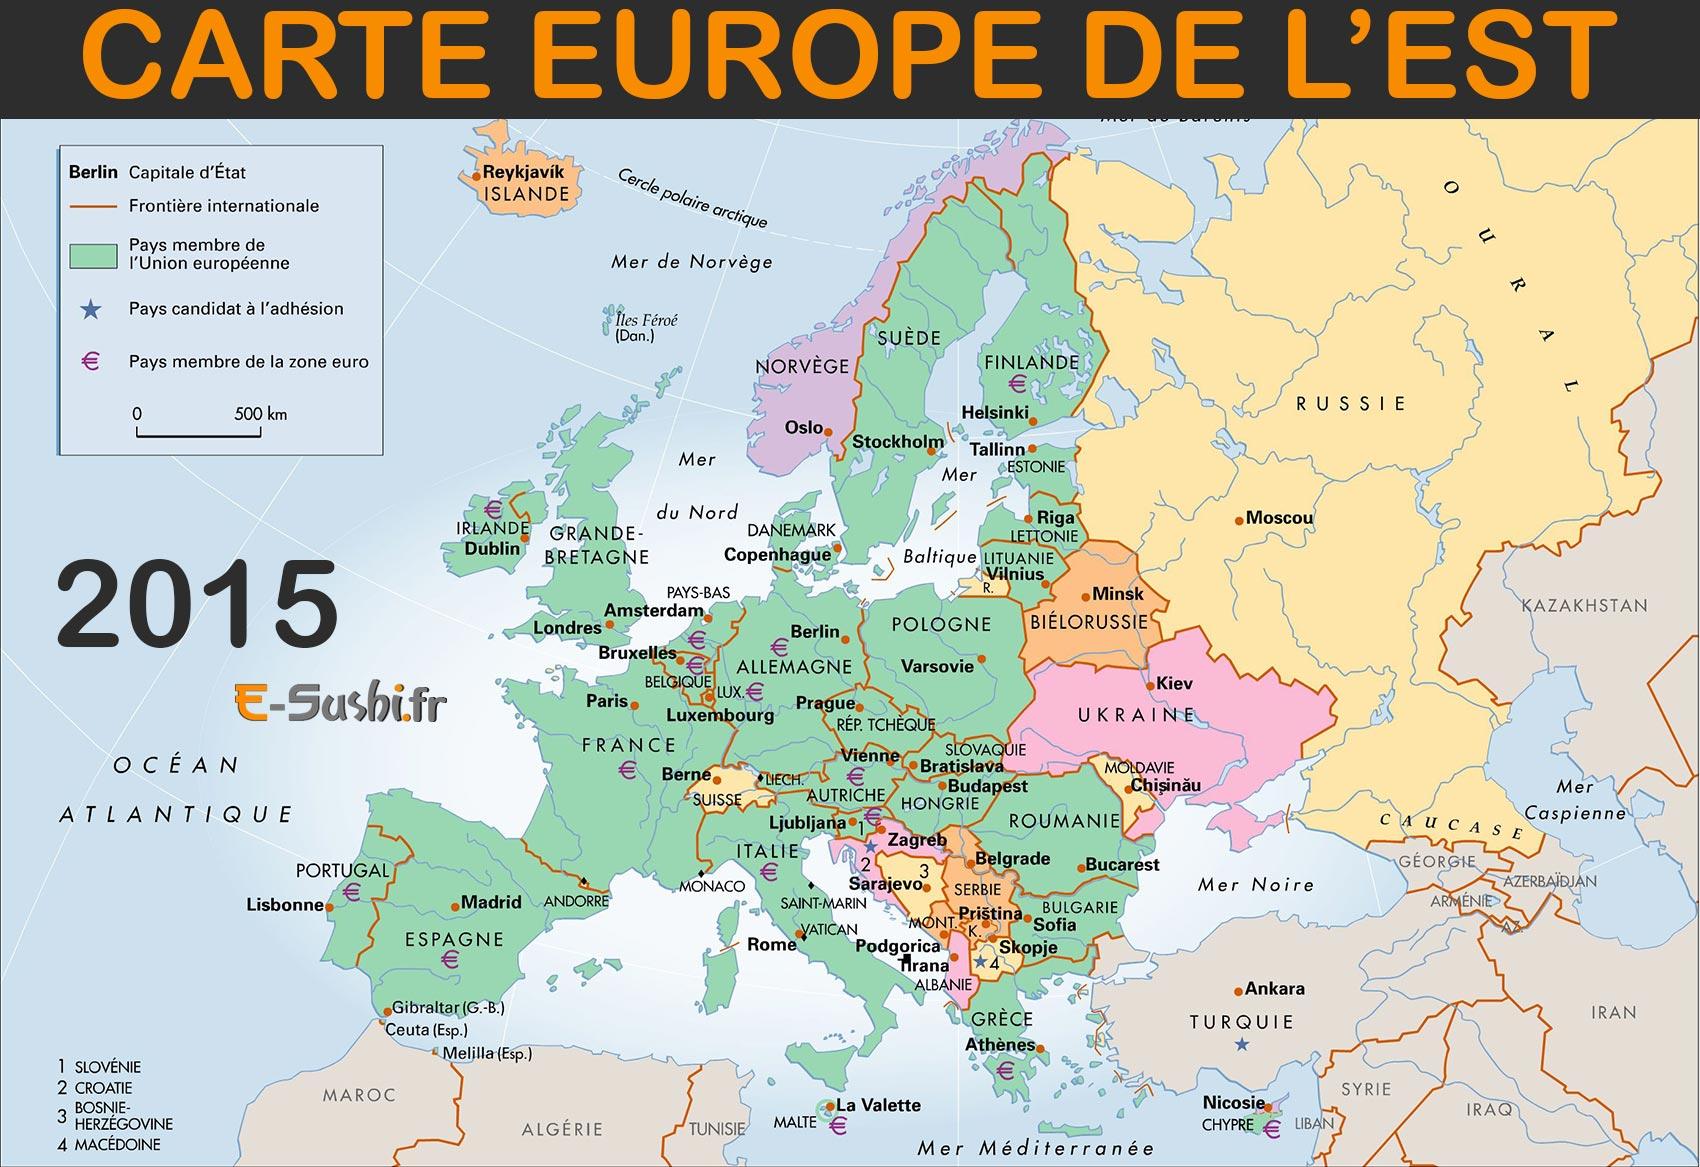 Carte Europe De L'est - Images Et Photos - Arts Et Voyages à Carte Europe Avec Capitale